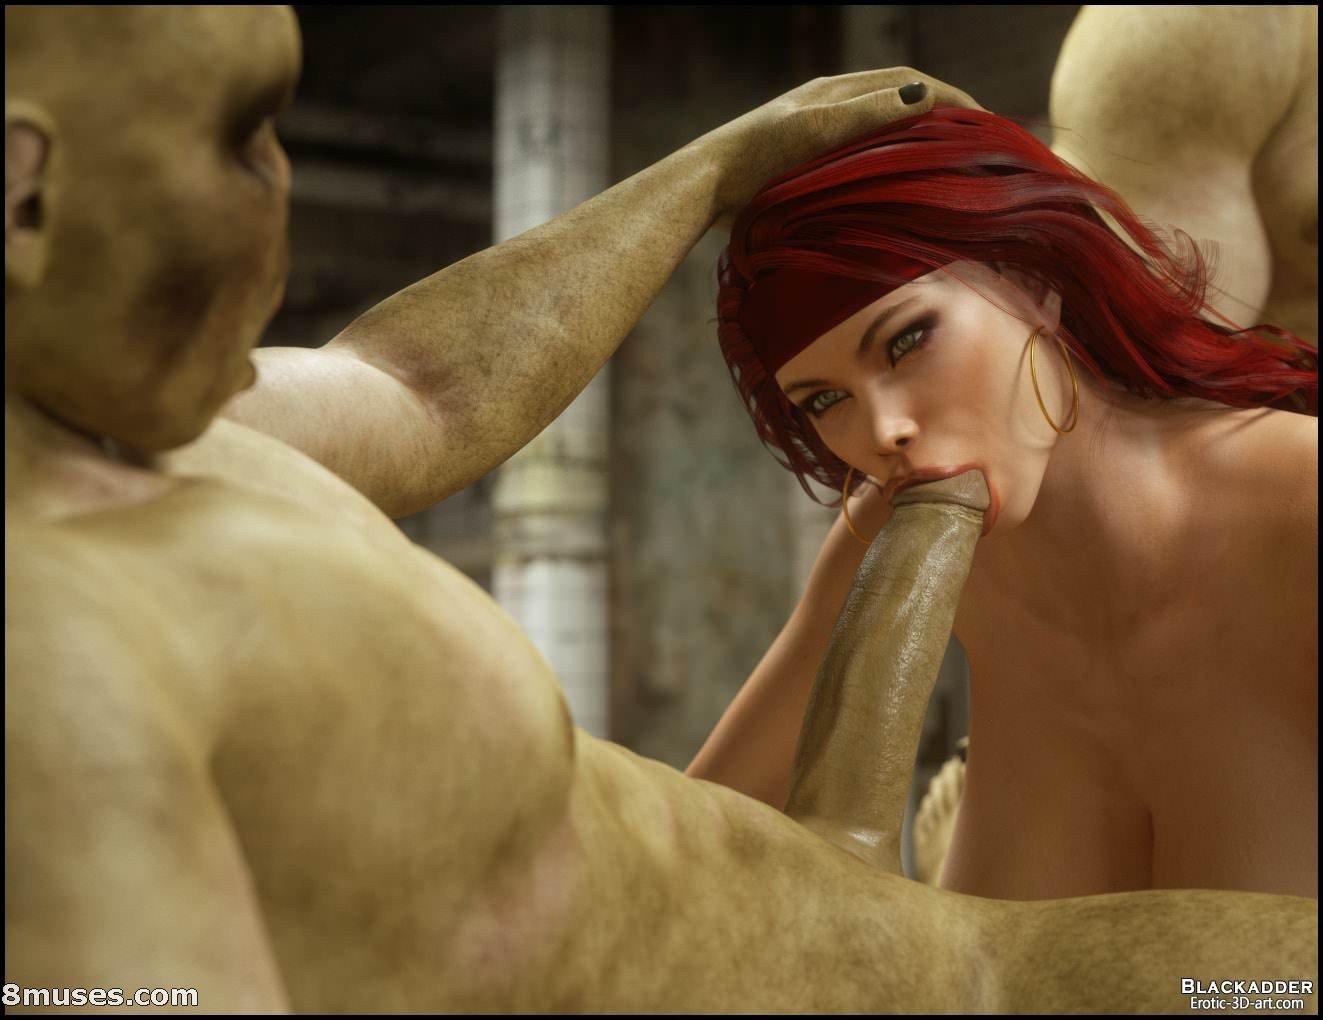 3d 8muses ass big_breasts blackadder breasts fellatio miriam oral orc orcs red_head redhead slut whore